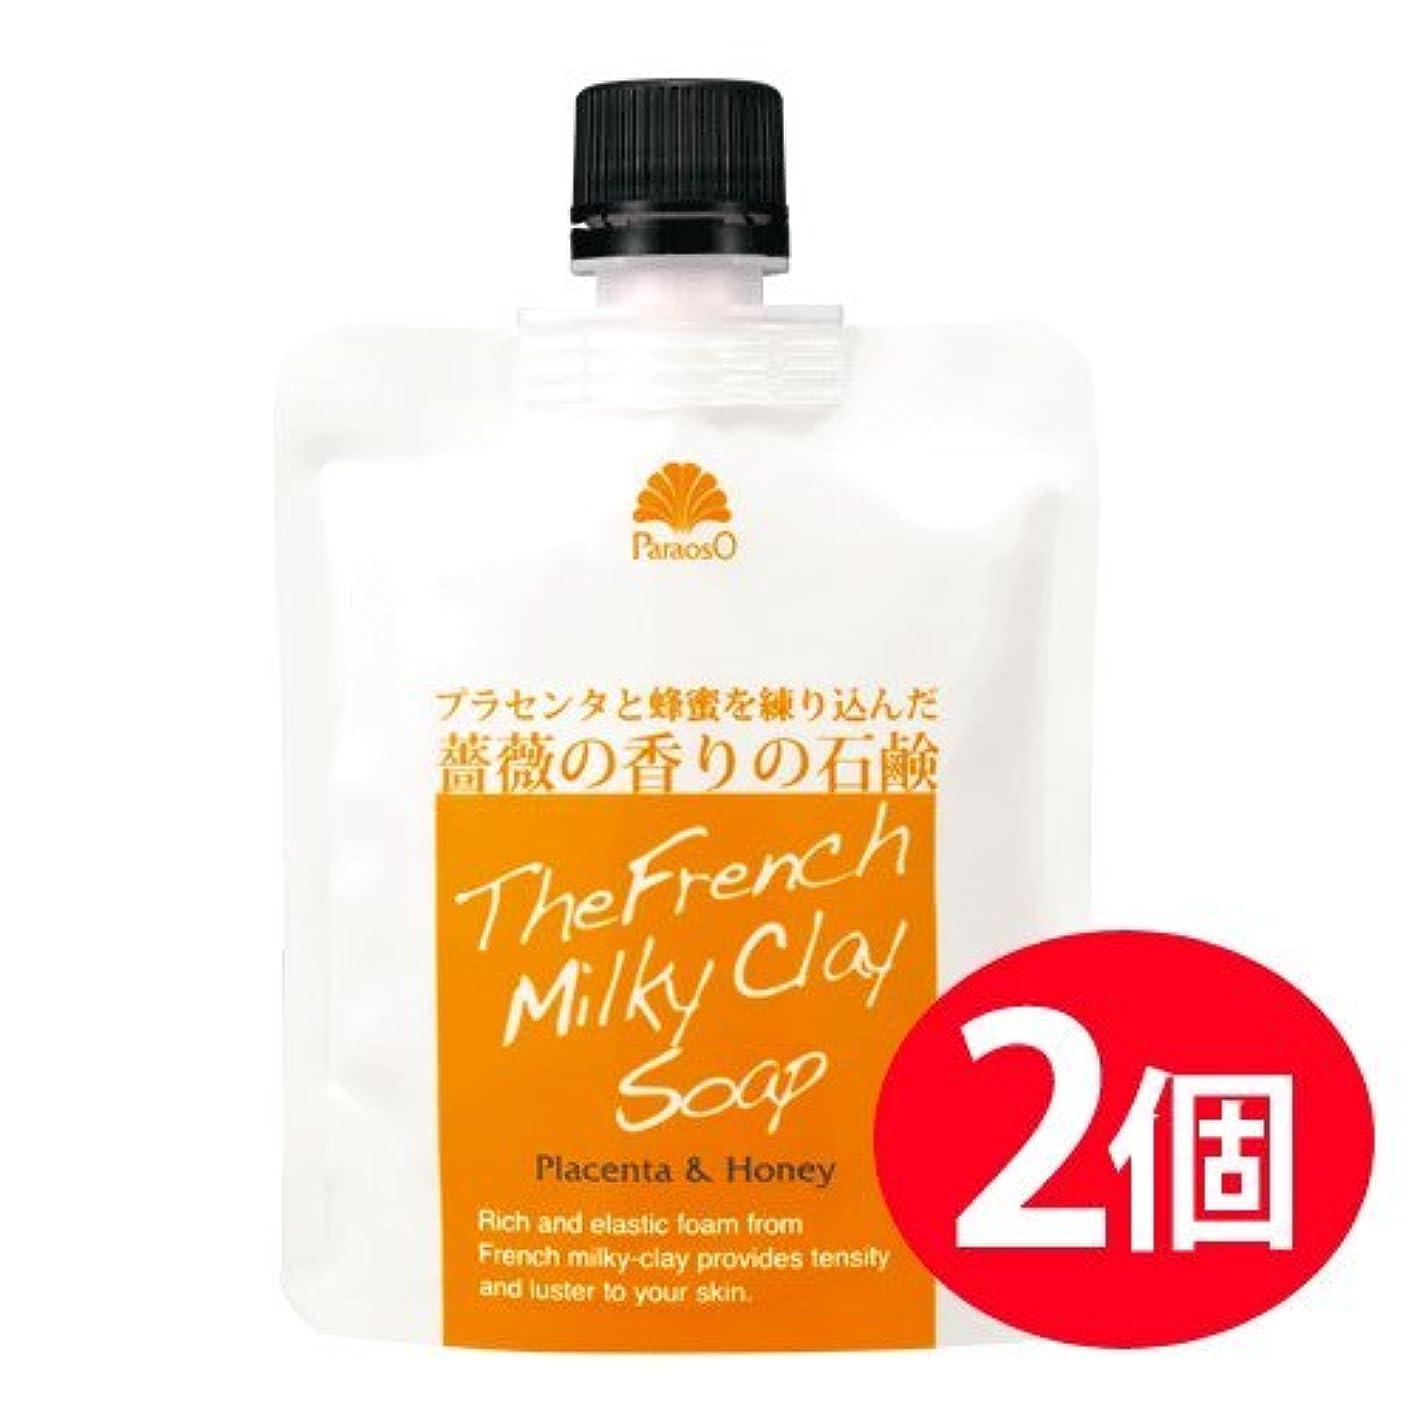 プラセンタと蜂蜜を練り込んだ薔薇の香りの生石鹸 パラオソフレンチクレイソープ 2個